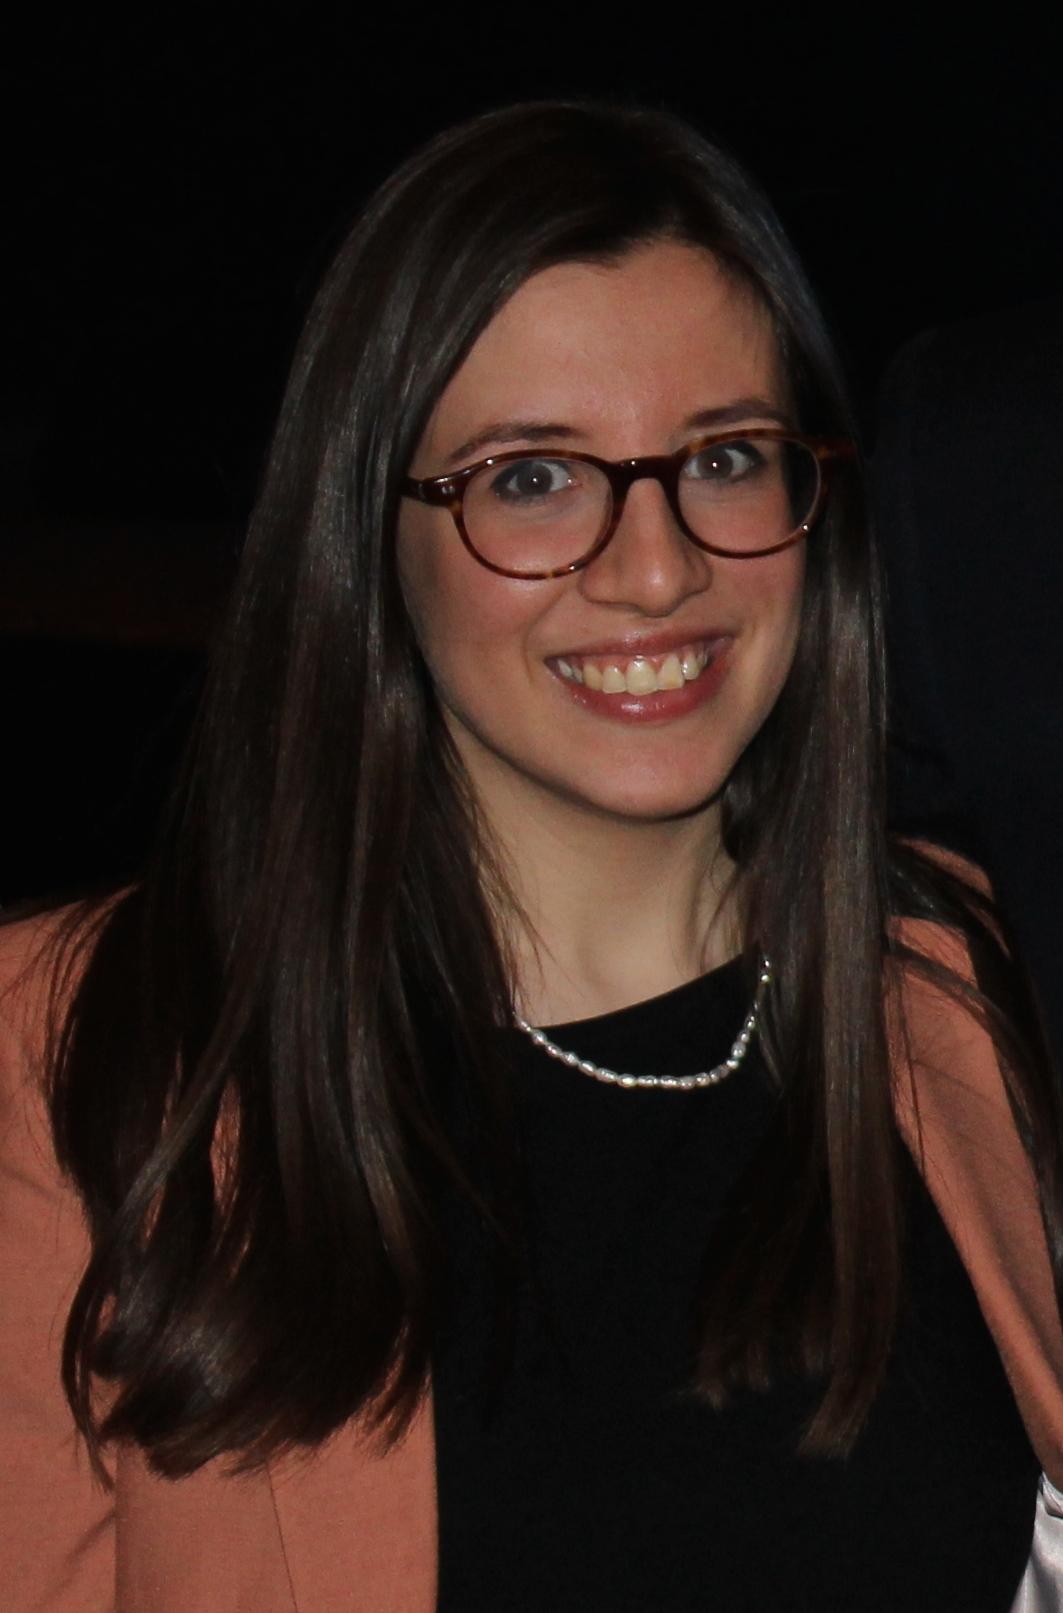 SophiaSchlosser